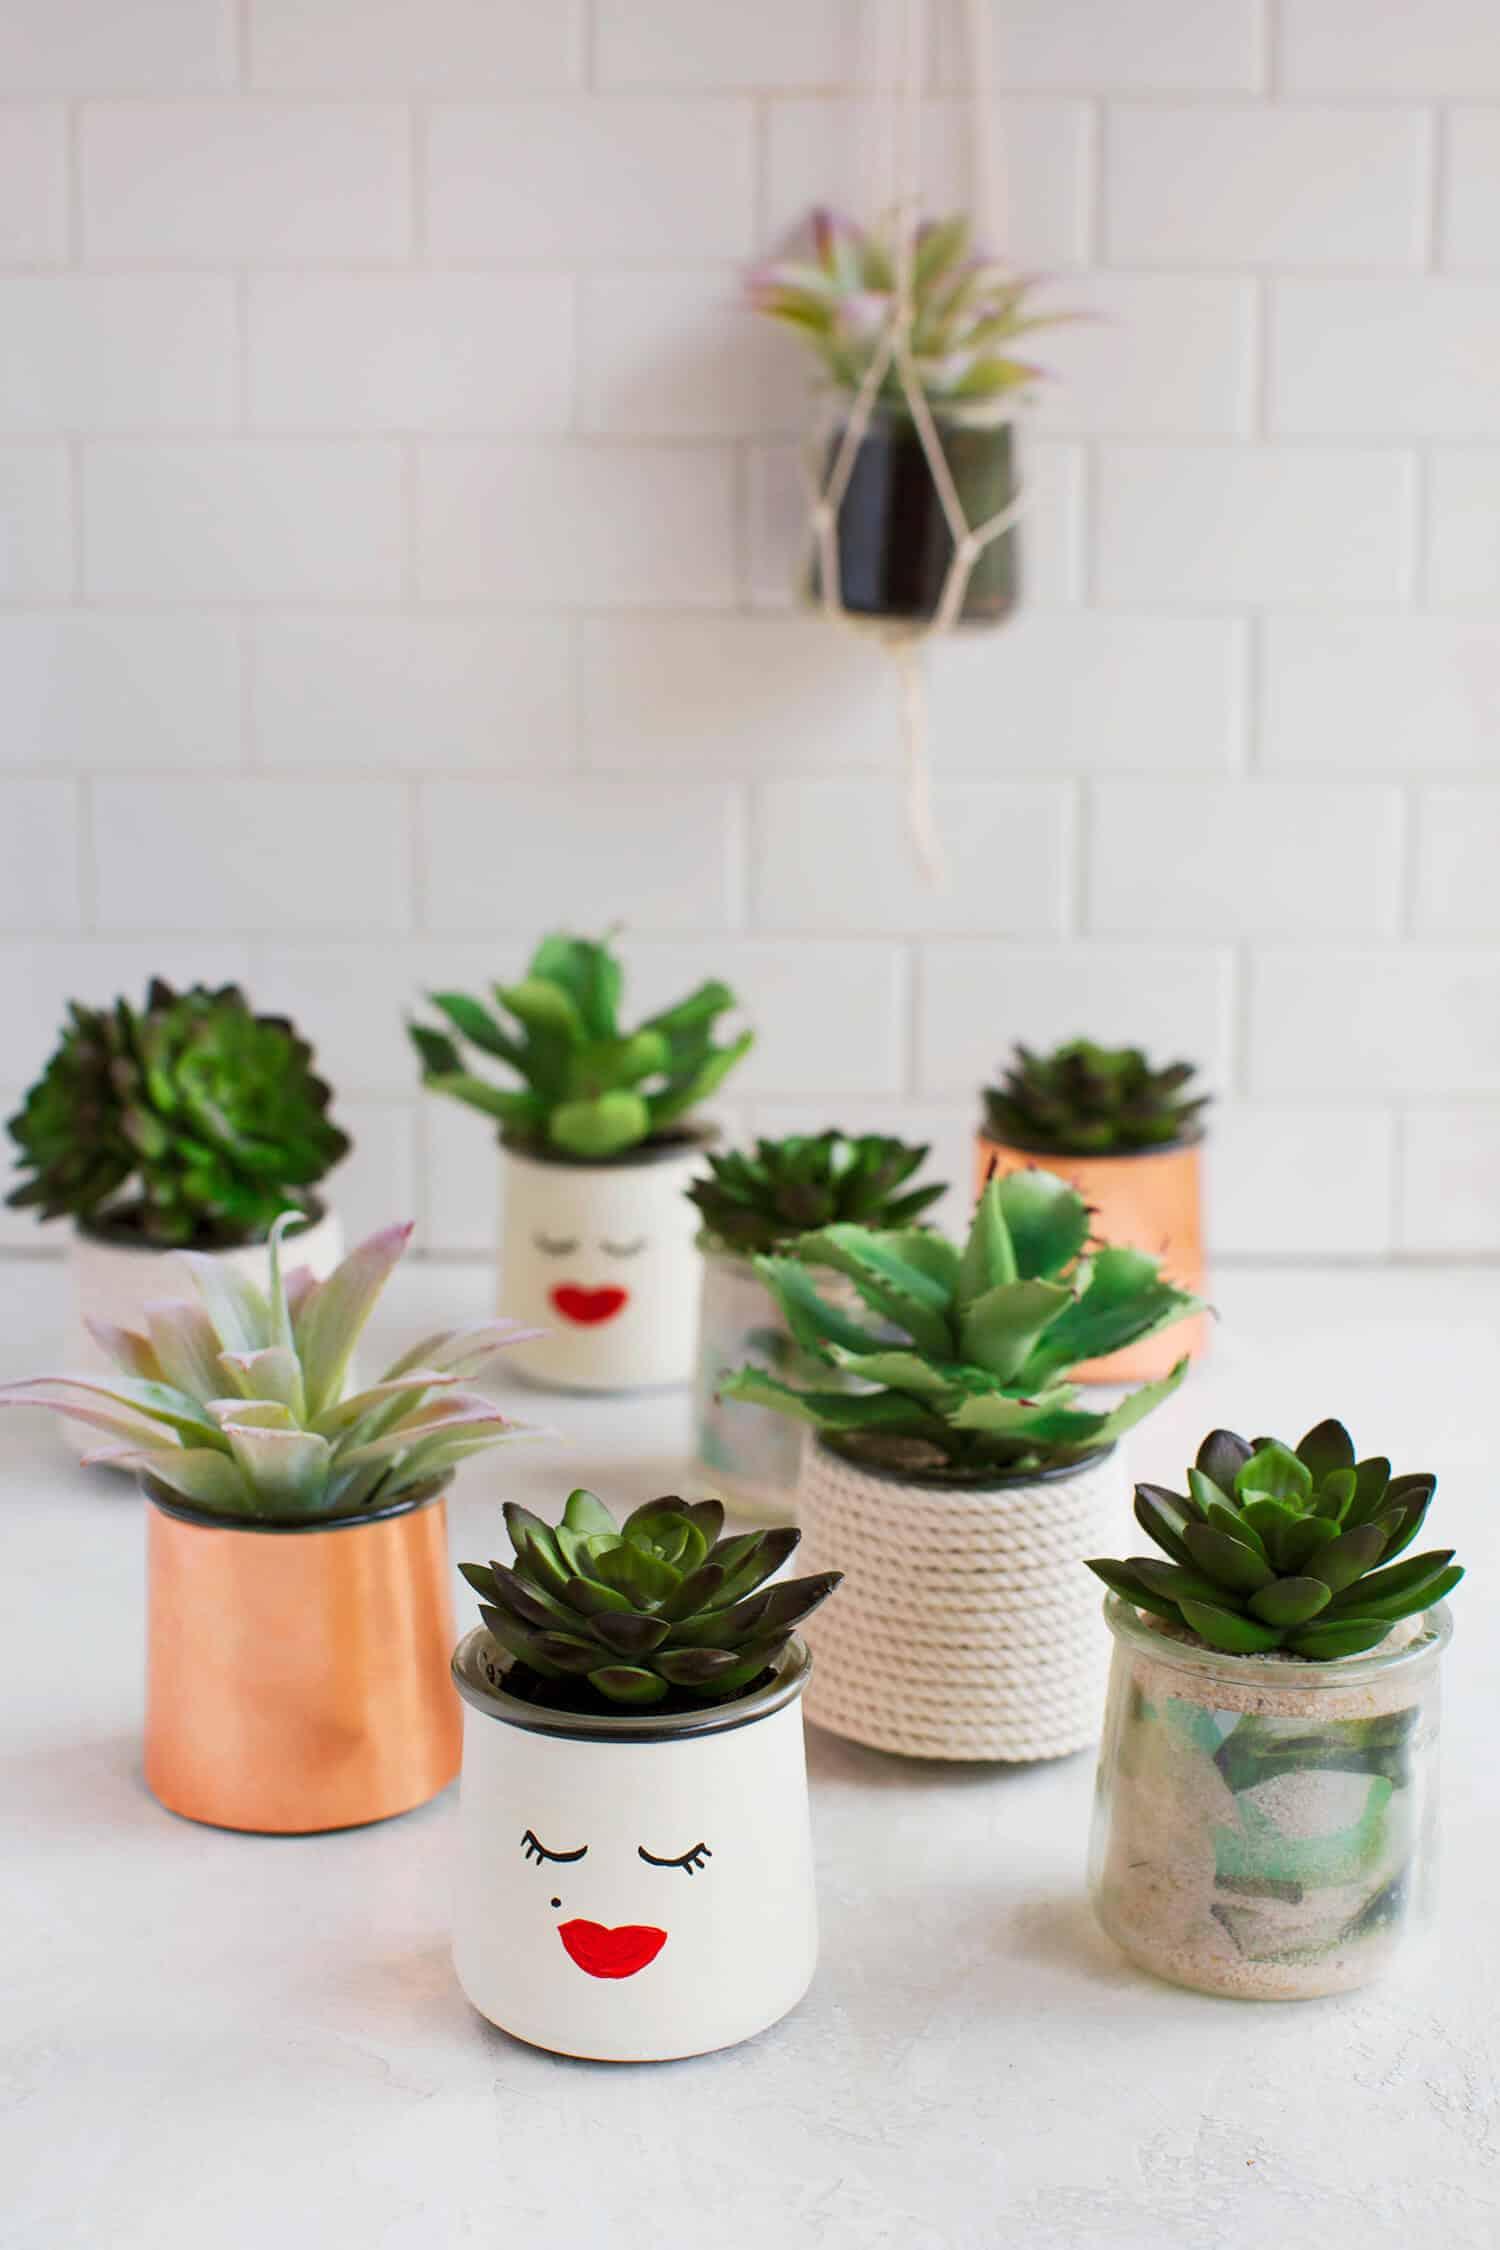 Vaso de suculentas com materiais recicláveis